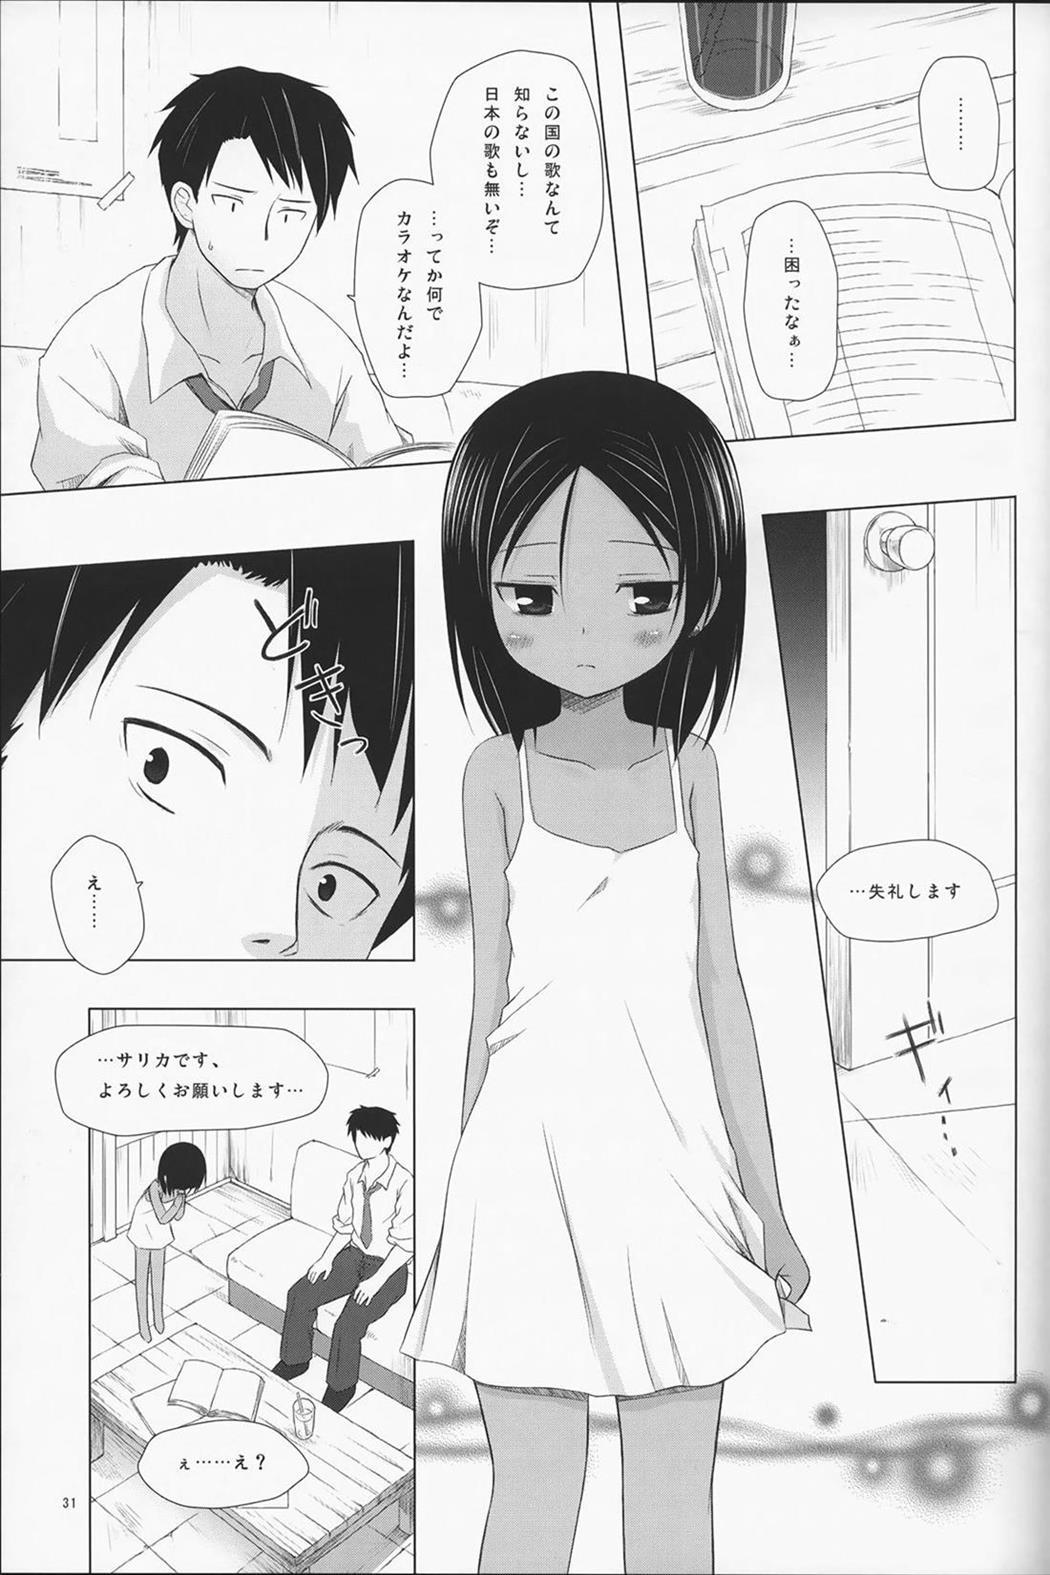 【エロ漫画・エロ同人誌】異国で父親に売られて売春する羽目になったロリ少女wひたすらお客とエッチしてる毎日を送ってたら日本人の男に助けられ日本に来てもセックス依存がぬけてないwww (31)